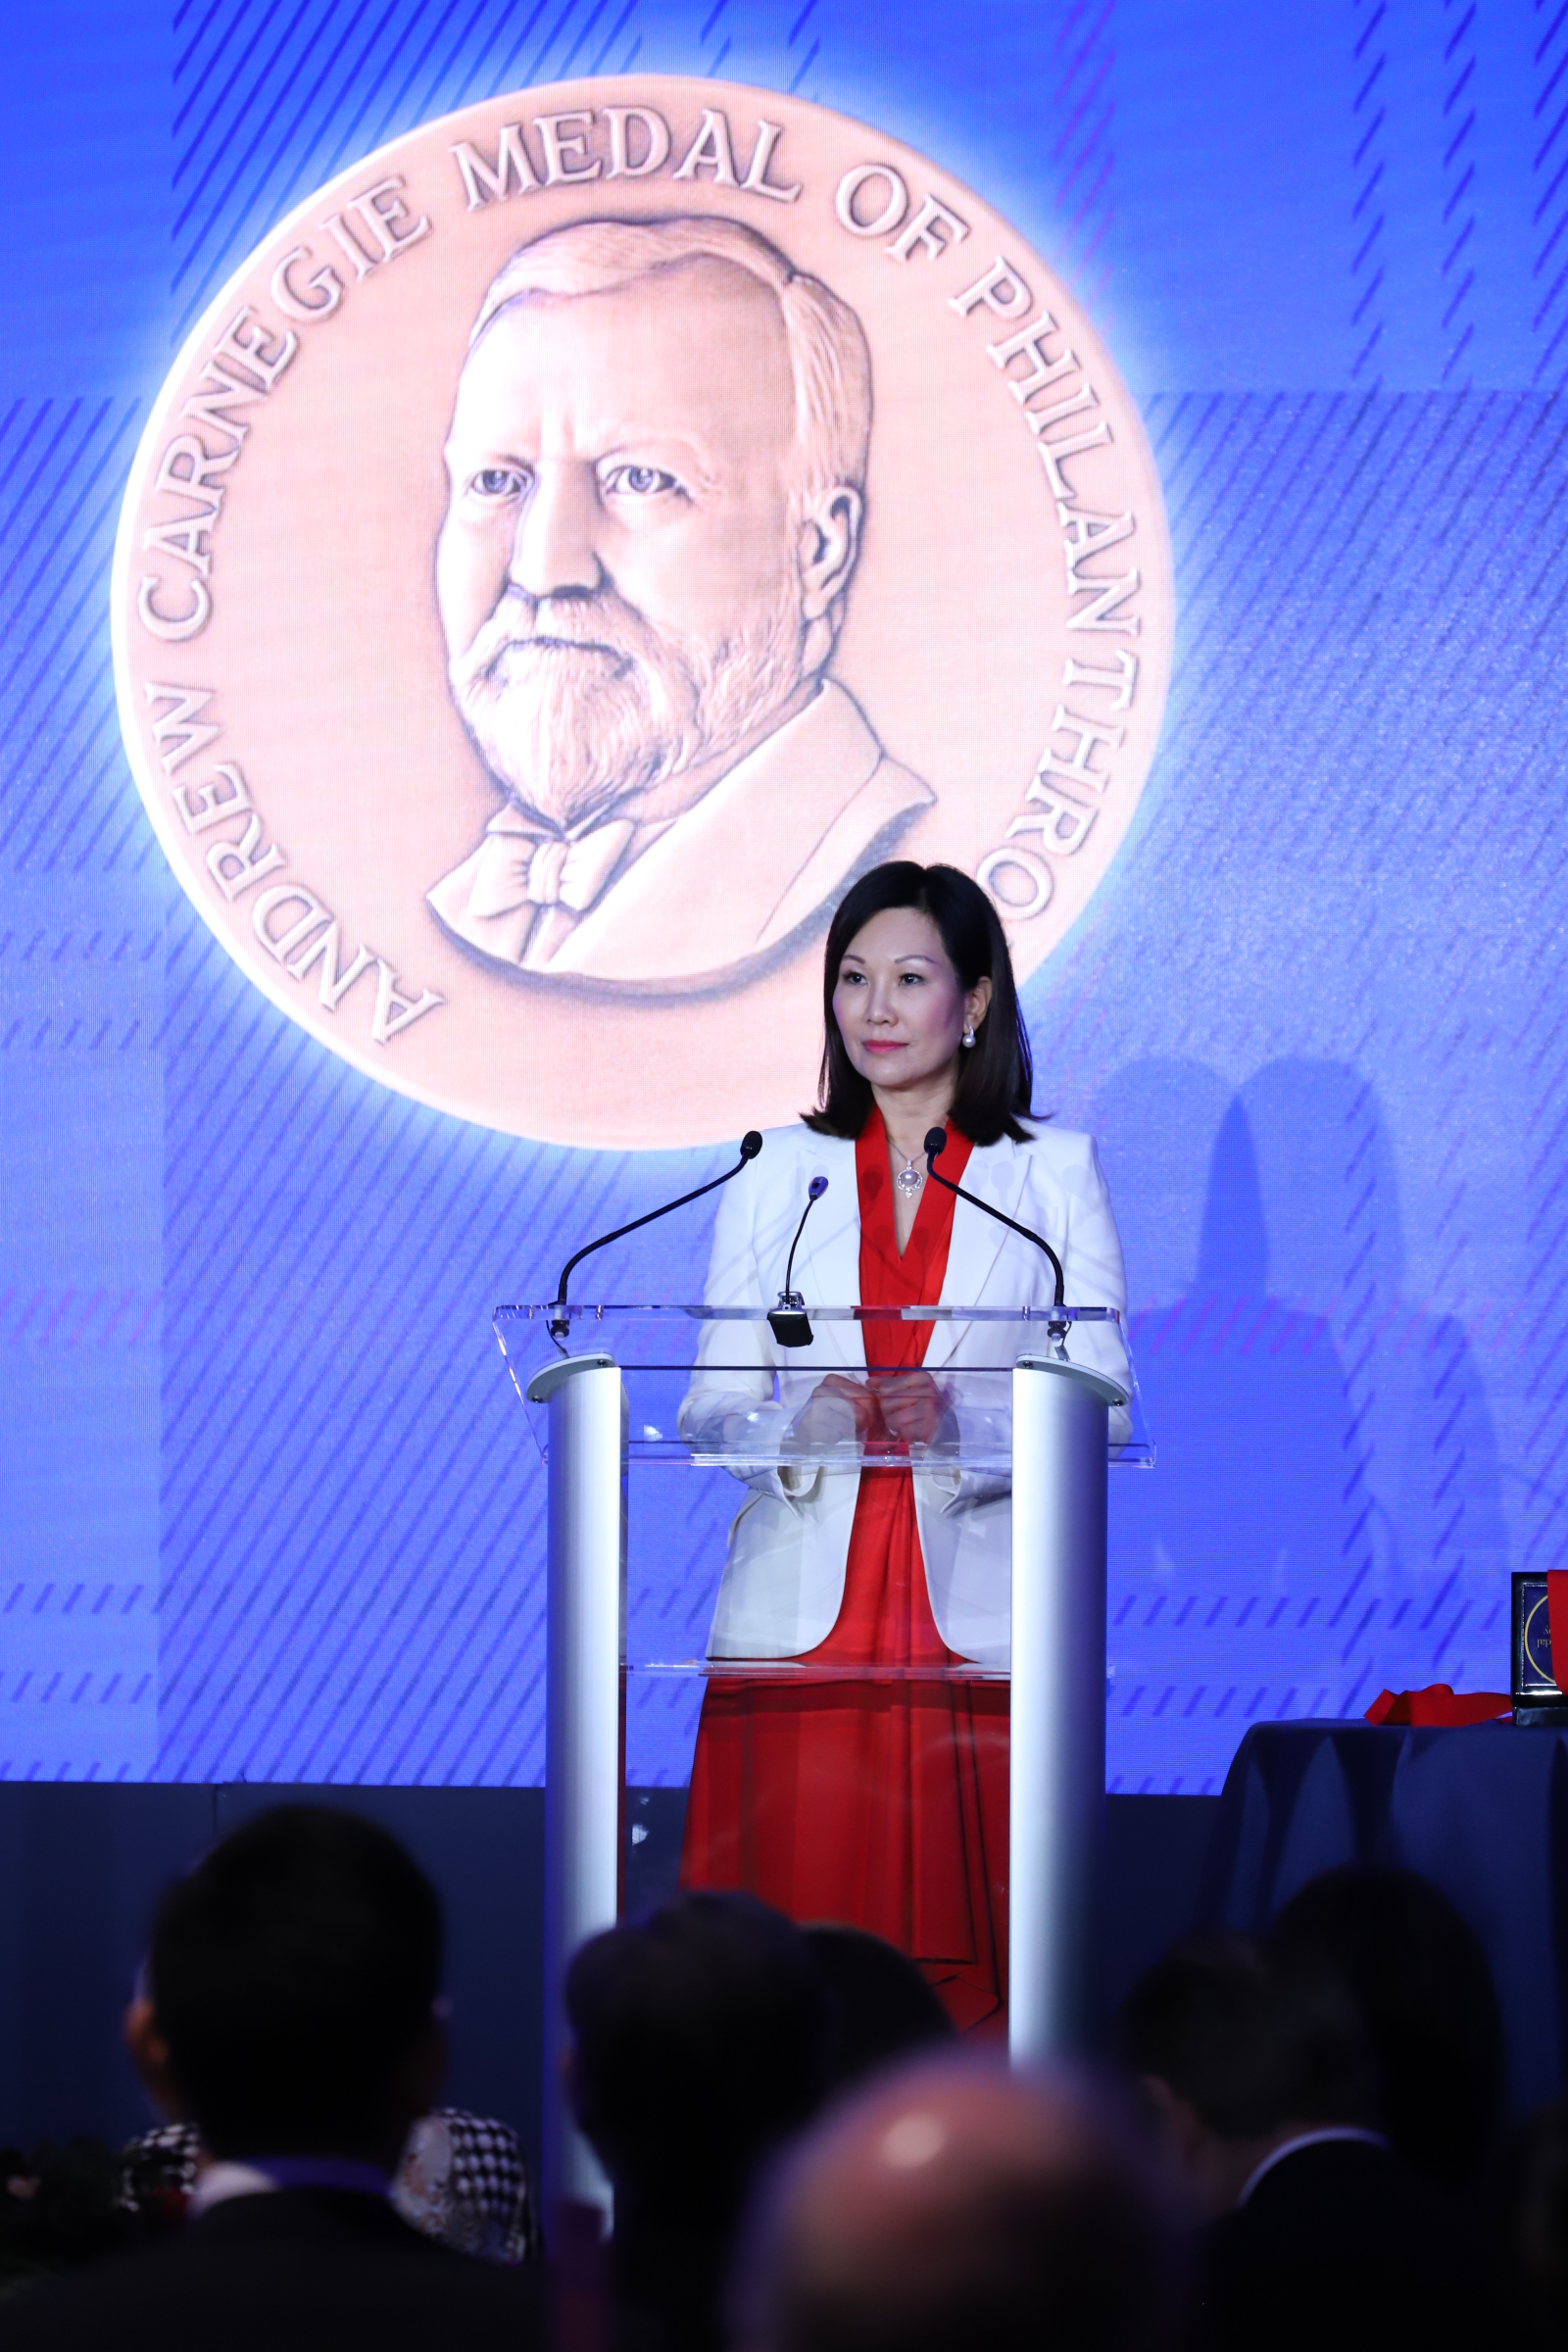 全球最高慈善奖卡内基奖颁奖 广东慈善家翟美卿女士成首位内地得主